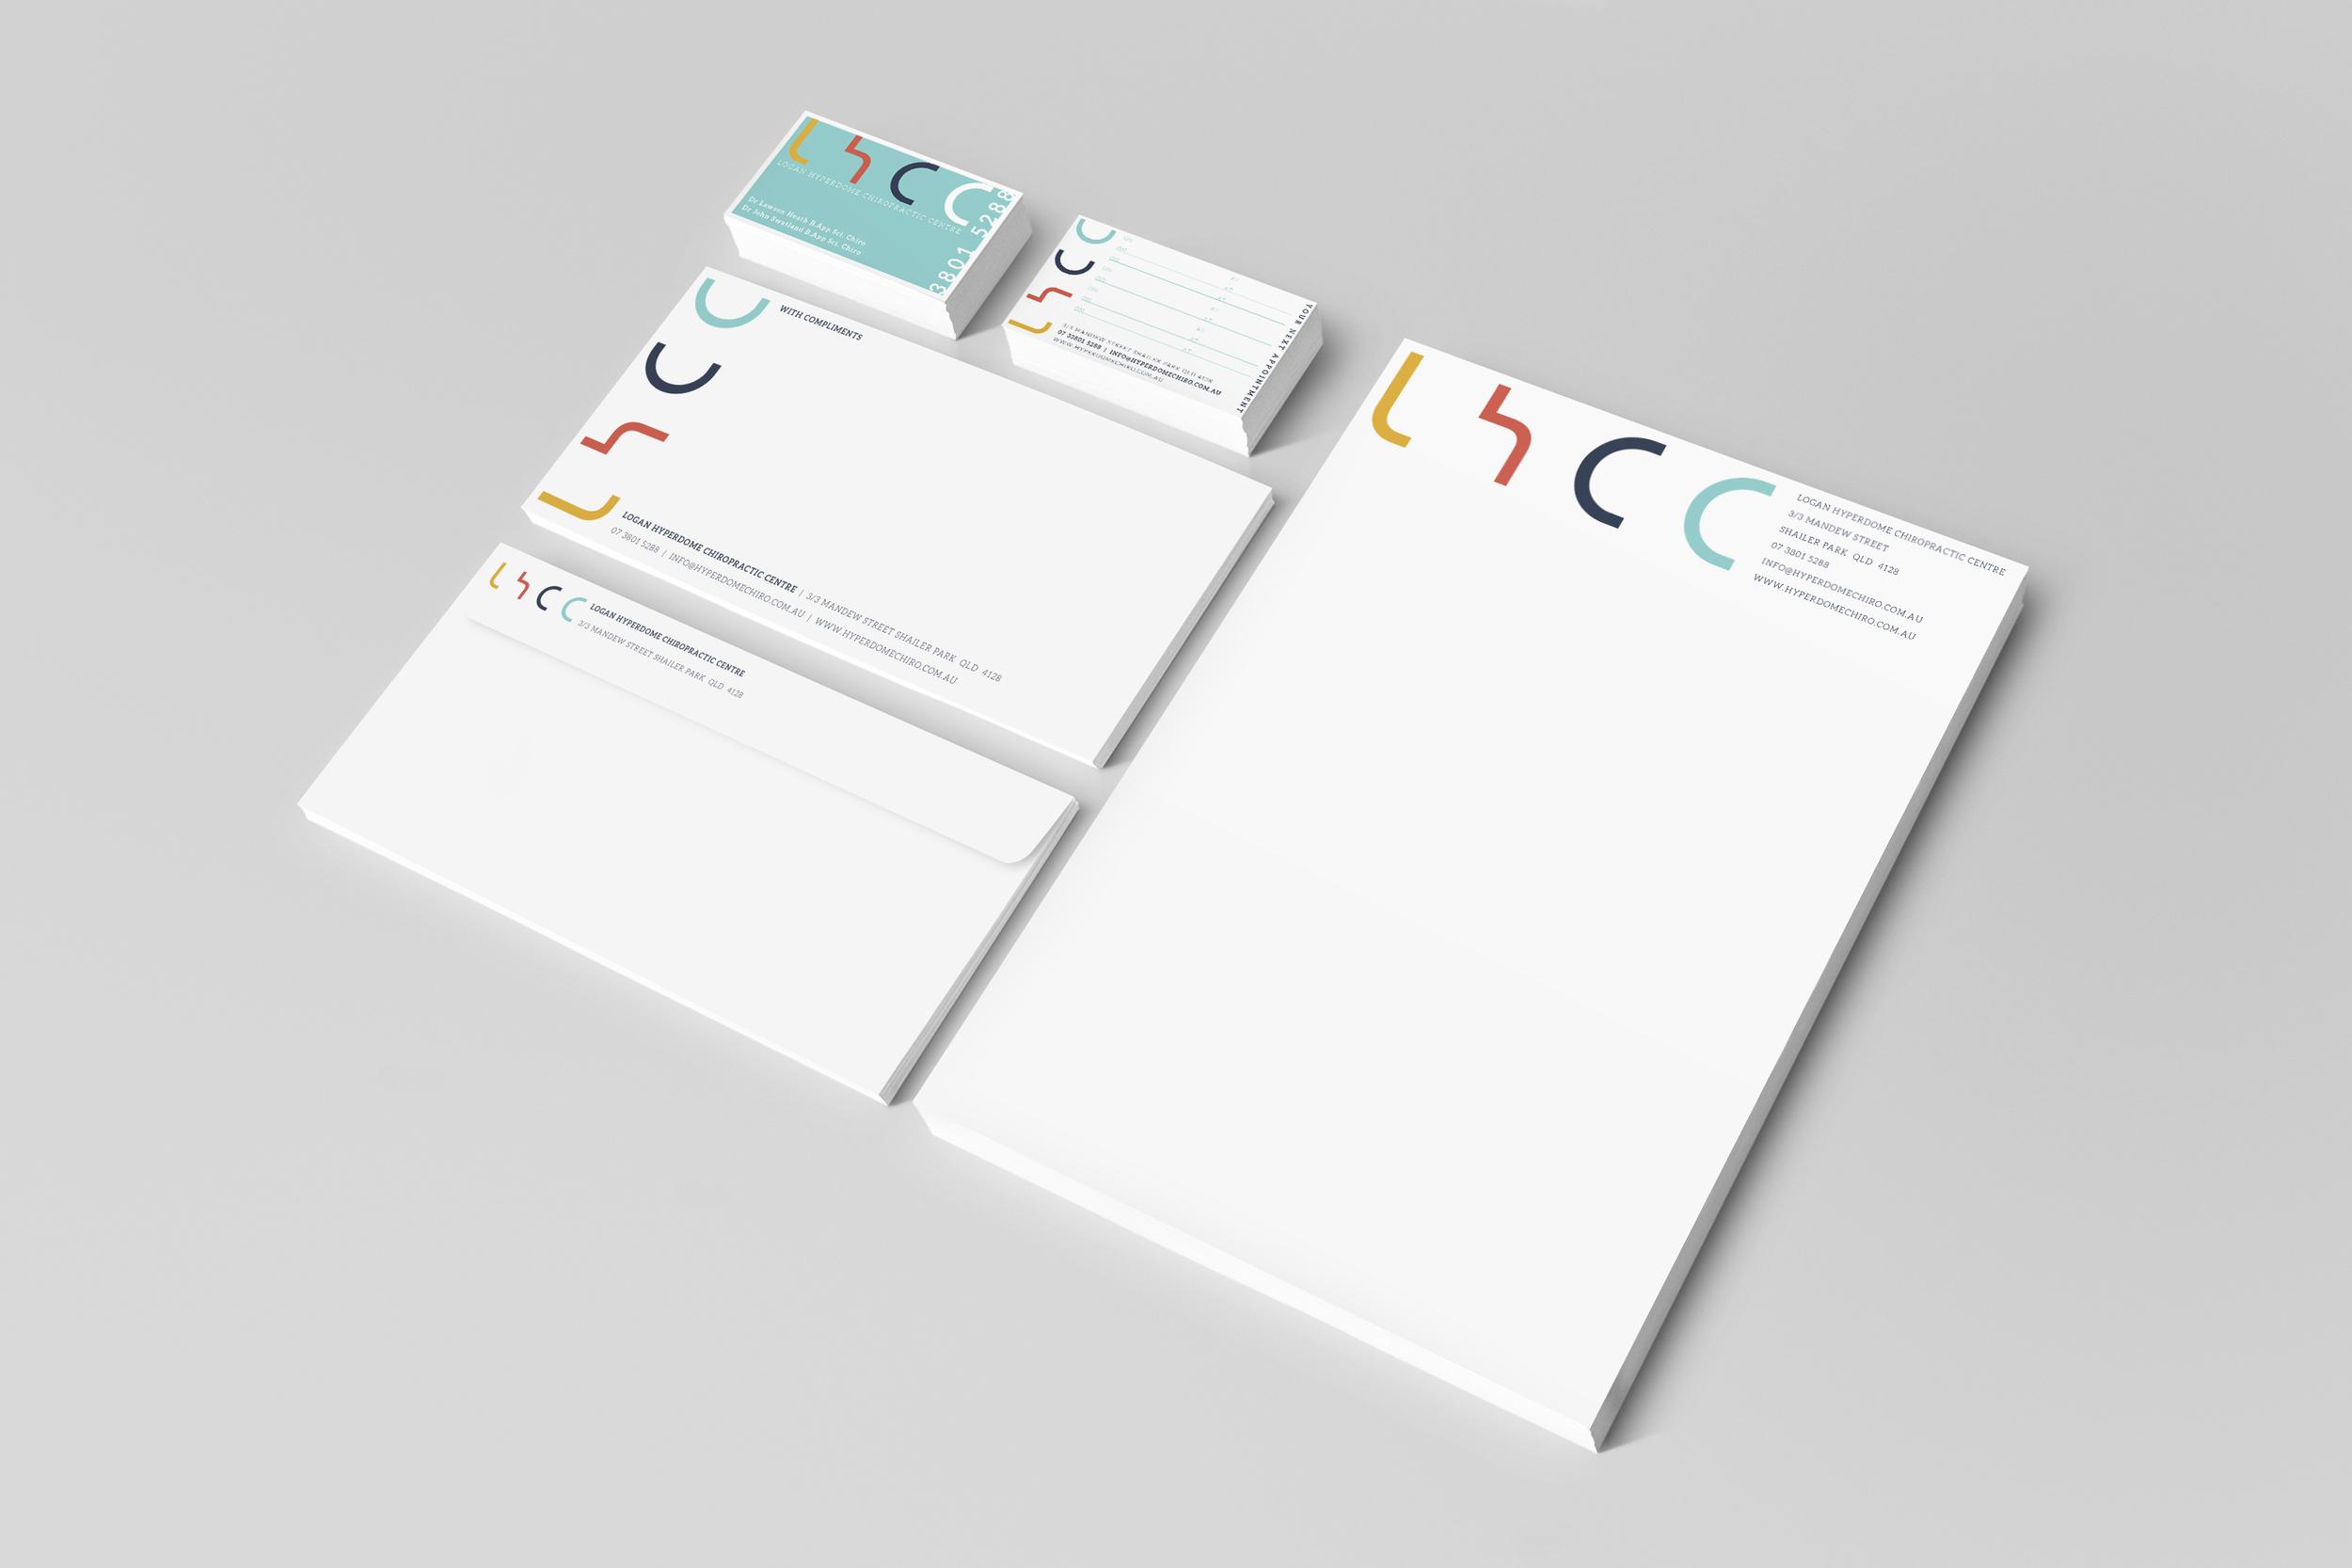 LHCC branding.jpg